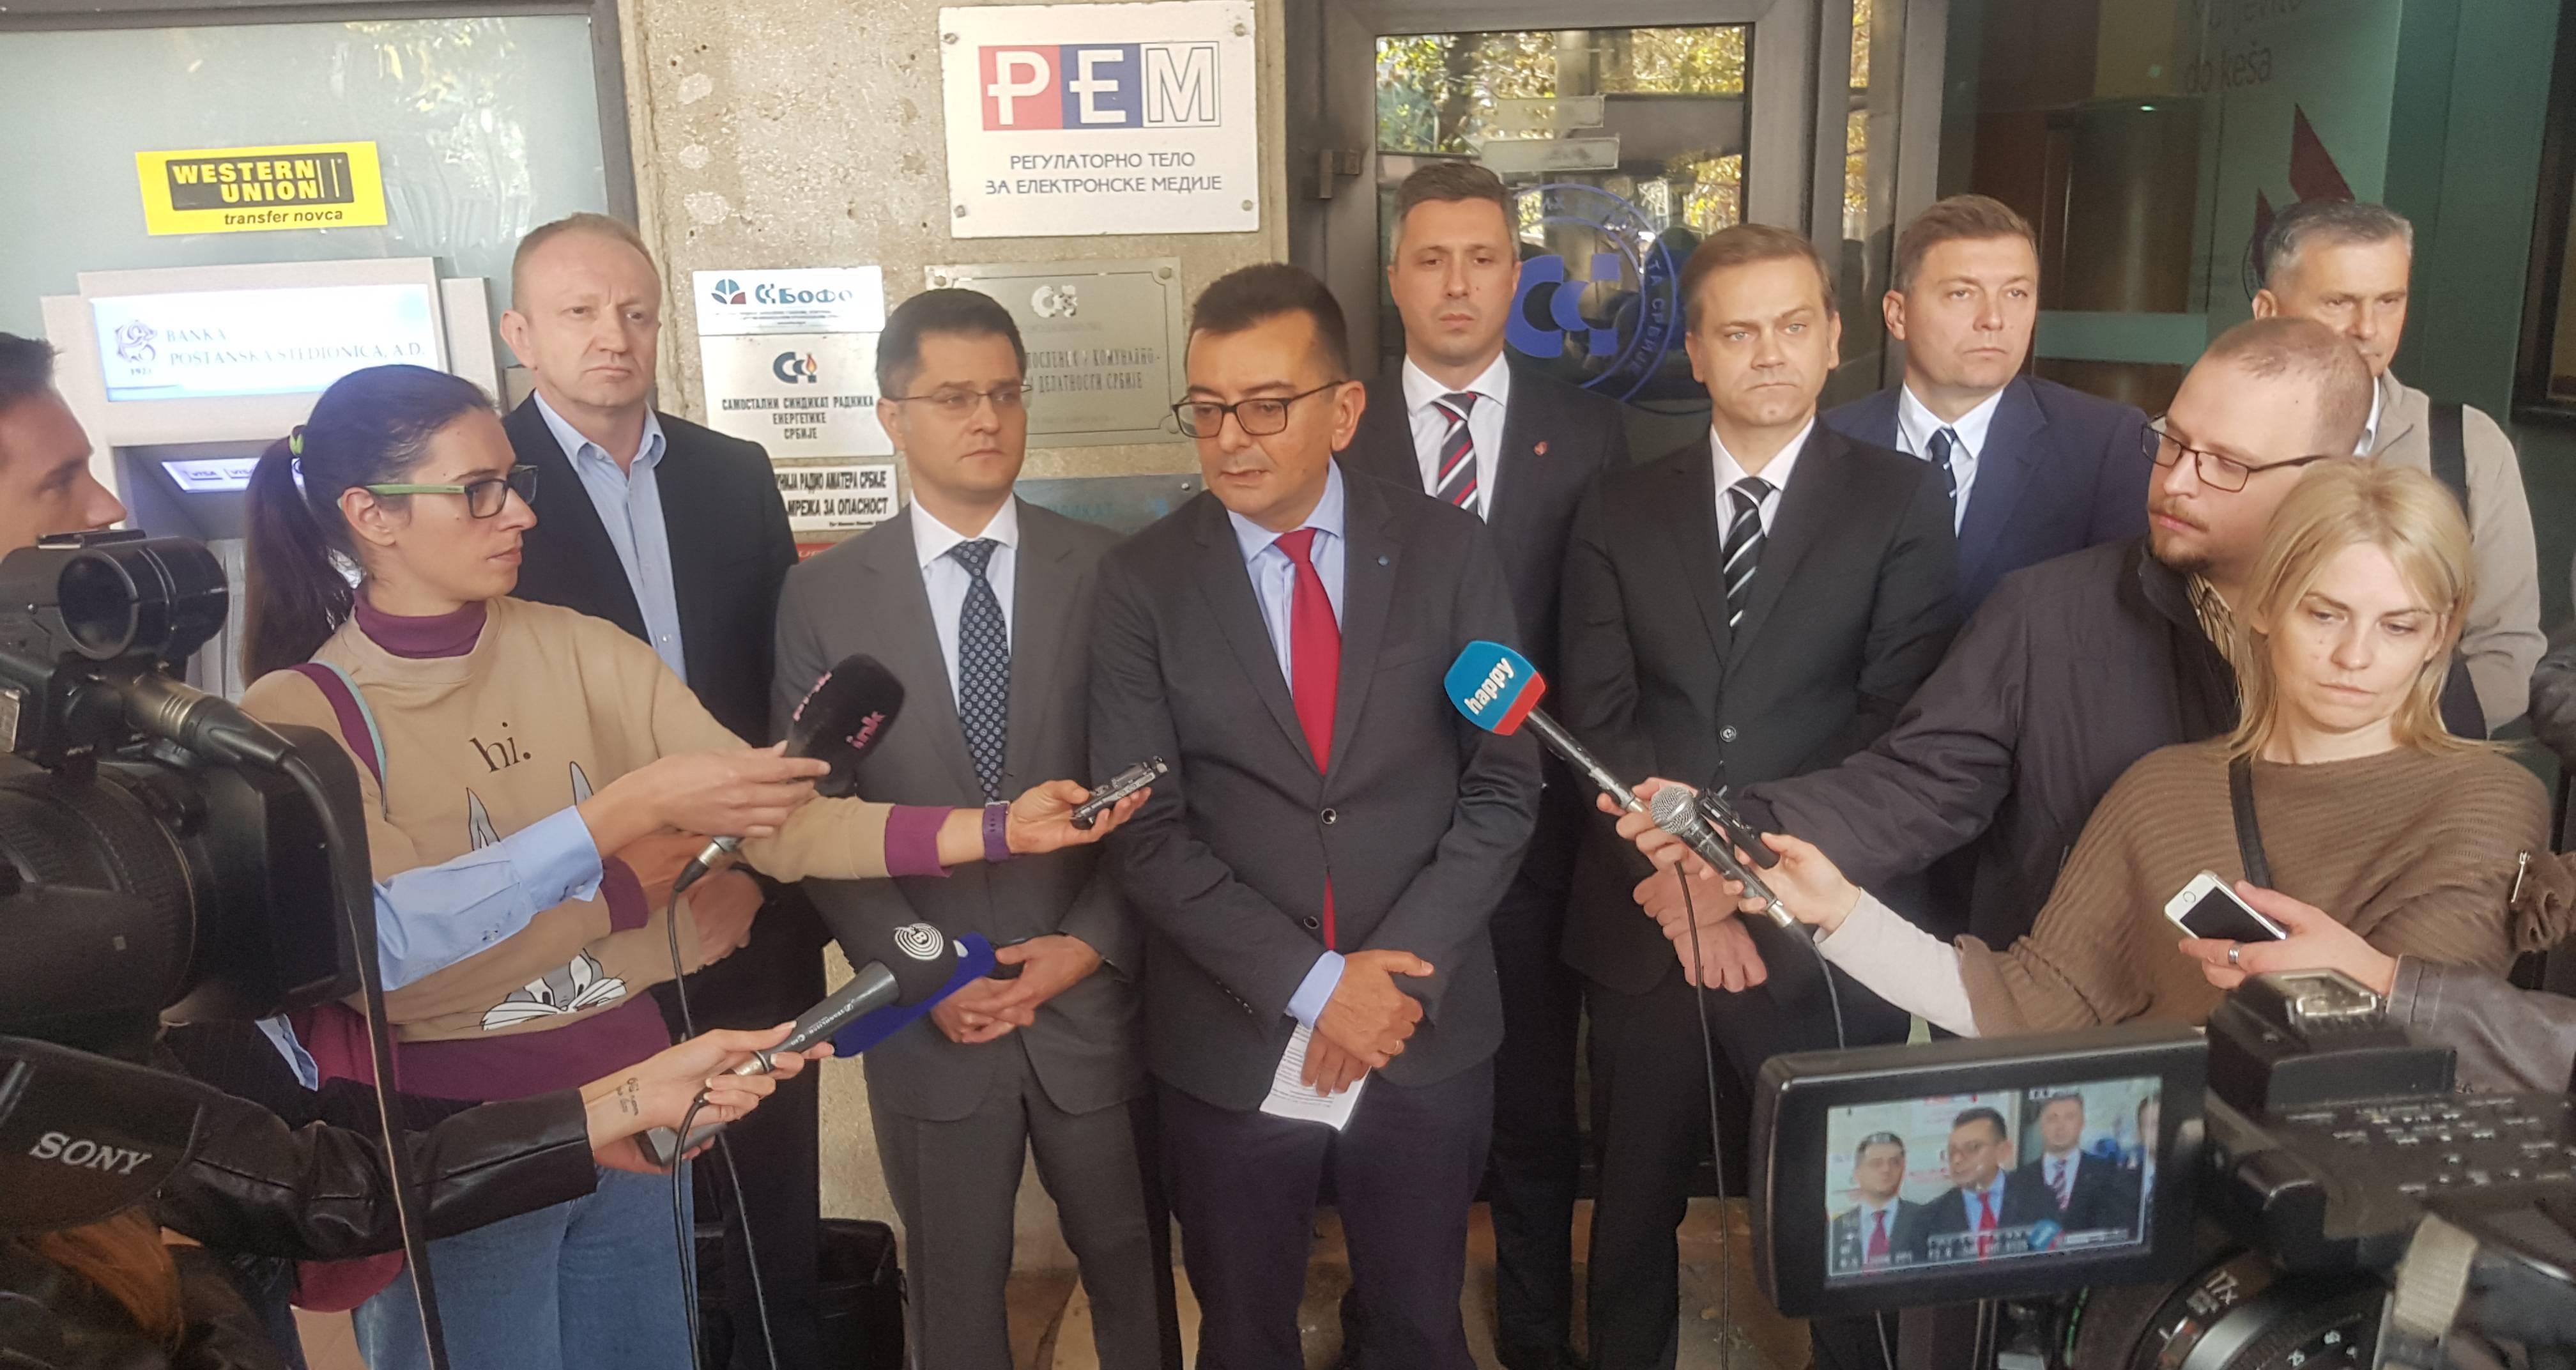 Савез за Србију: РЕМ да казни РТС и РТВ и укине националну фреквенцију телевизији Пинк